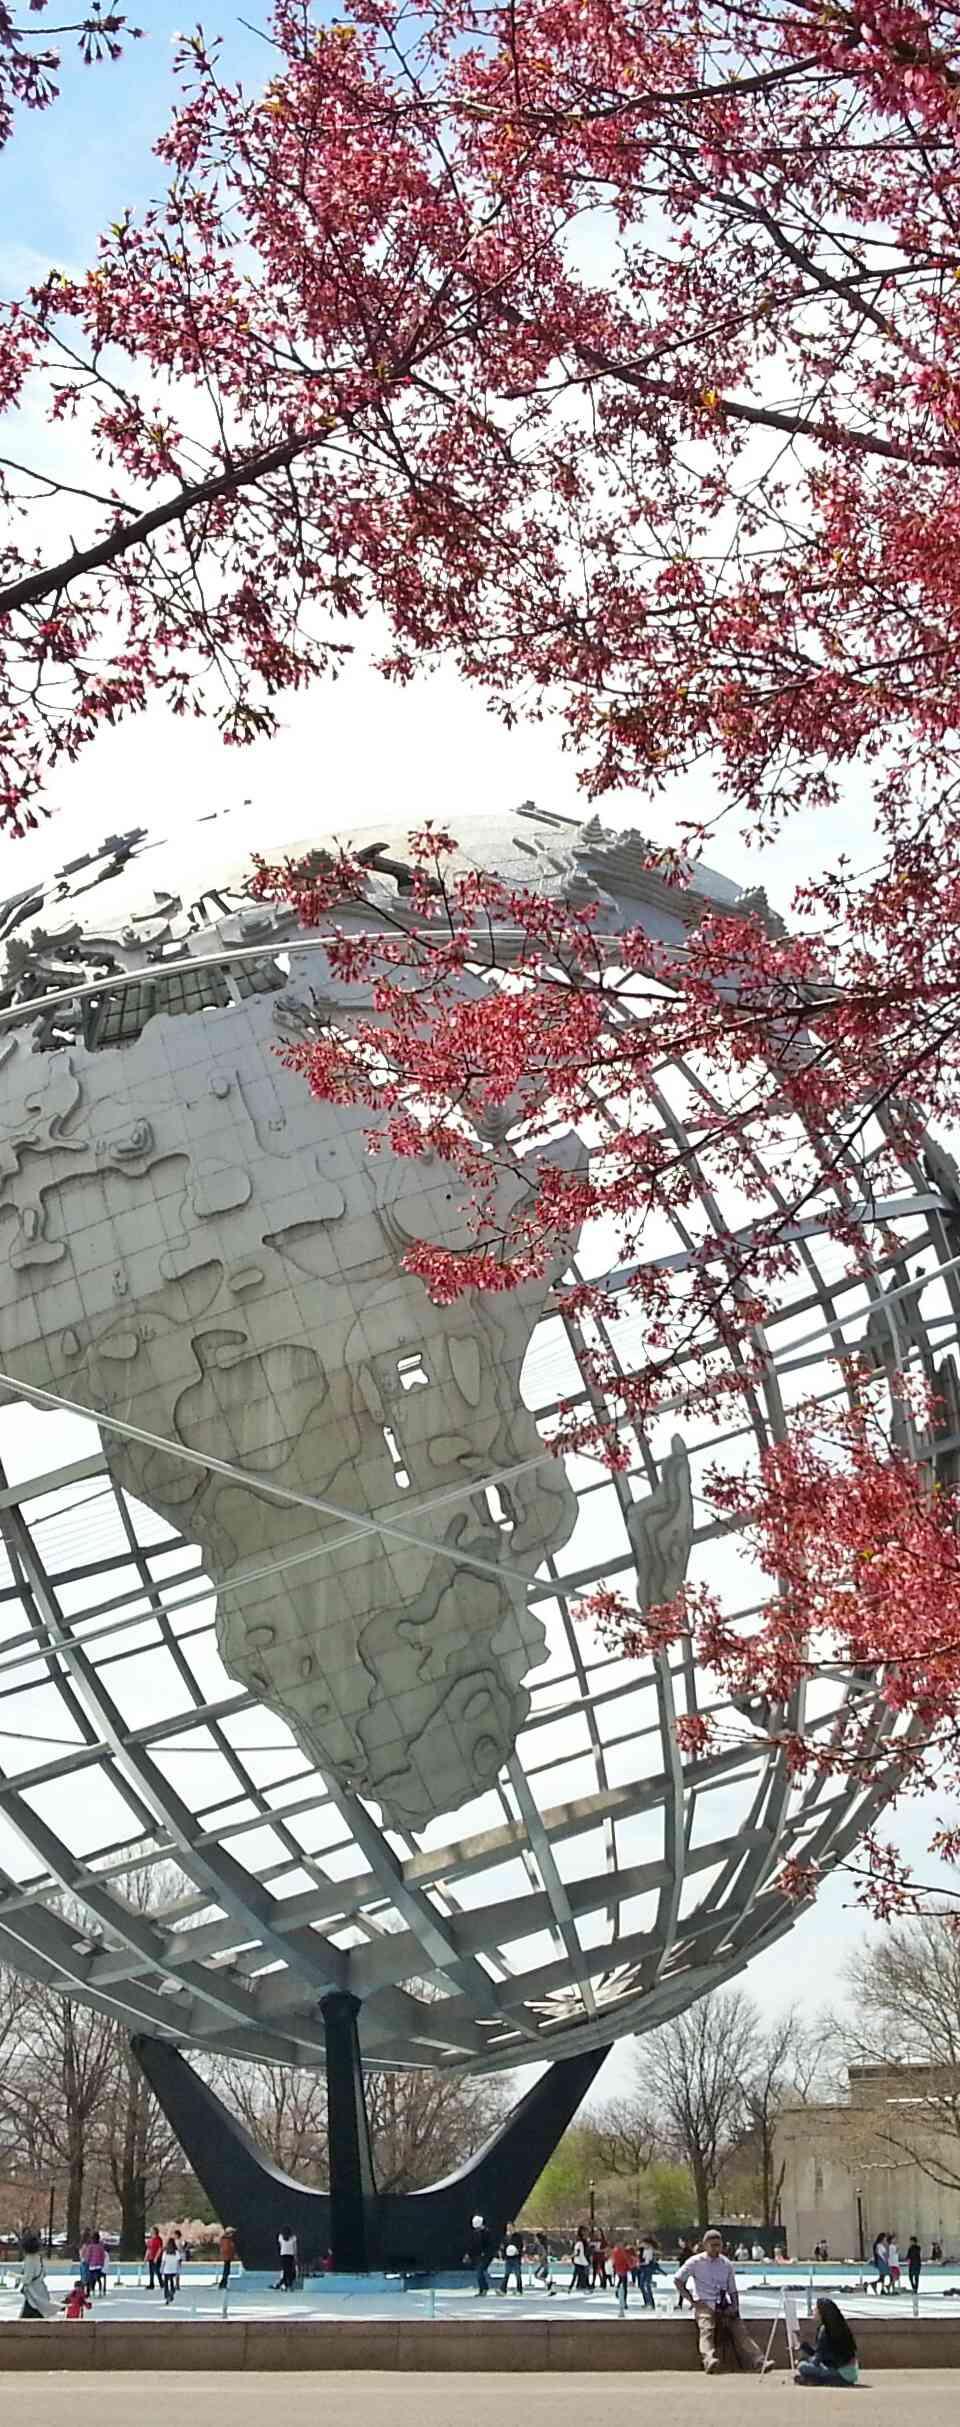 Unisphere Globe in Queens, New York